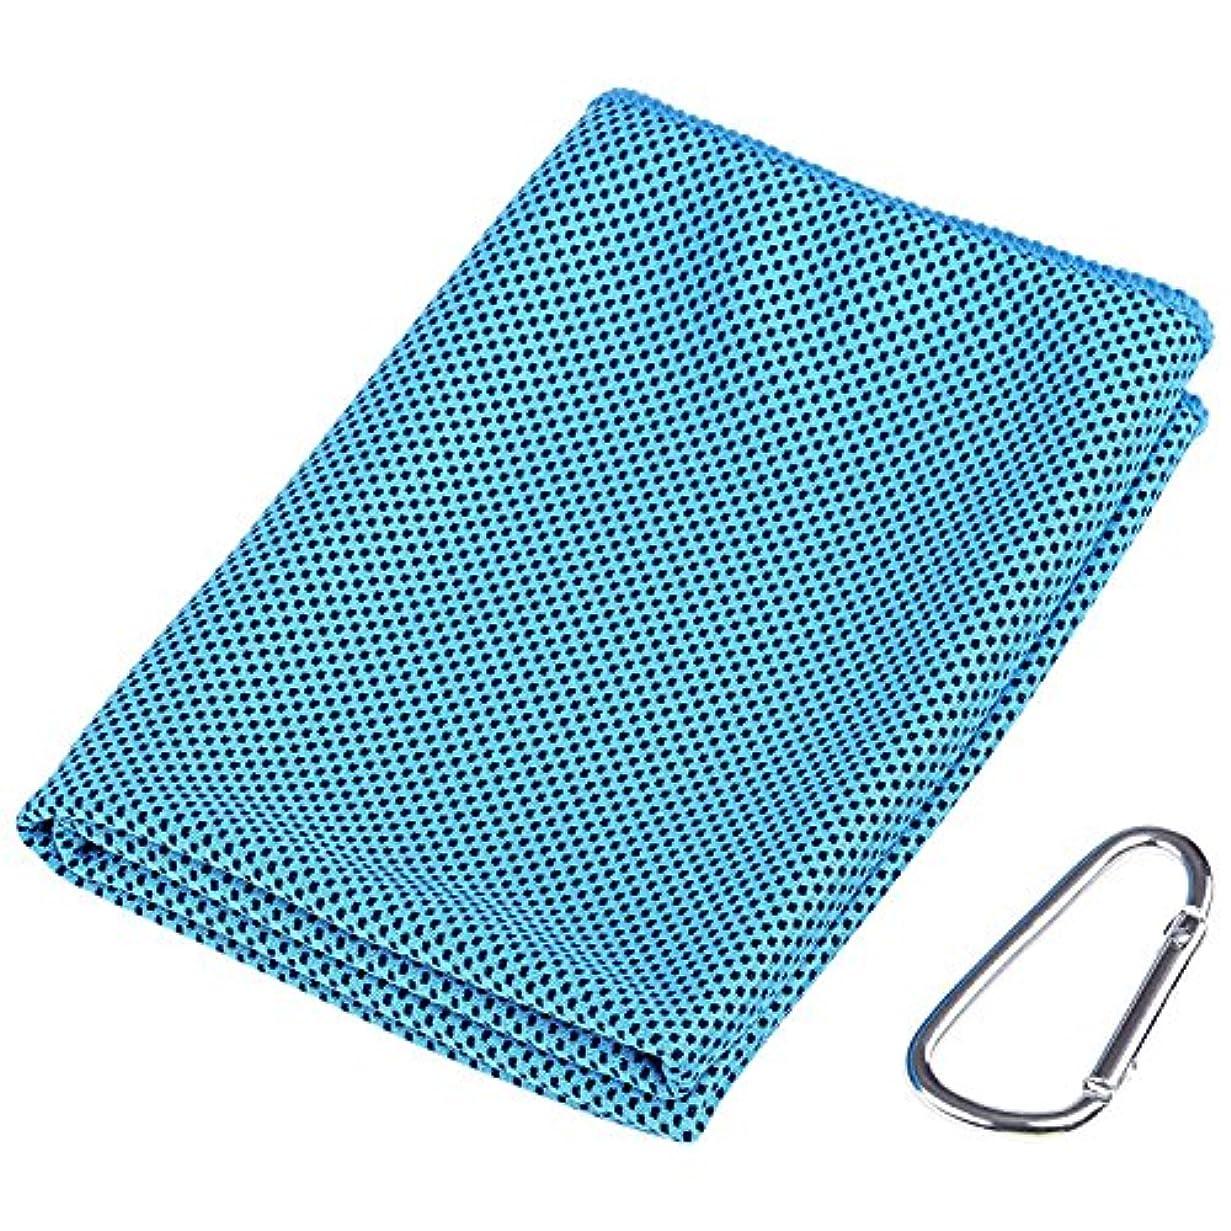 流すピアニストロビーGWHOLEクールタオル 速乾タオル 超吸水 軽量 速乾 熱中症対策 90*30cm